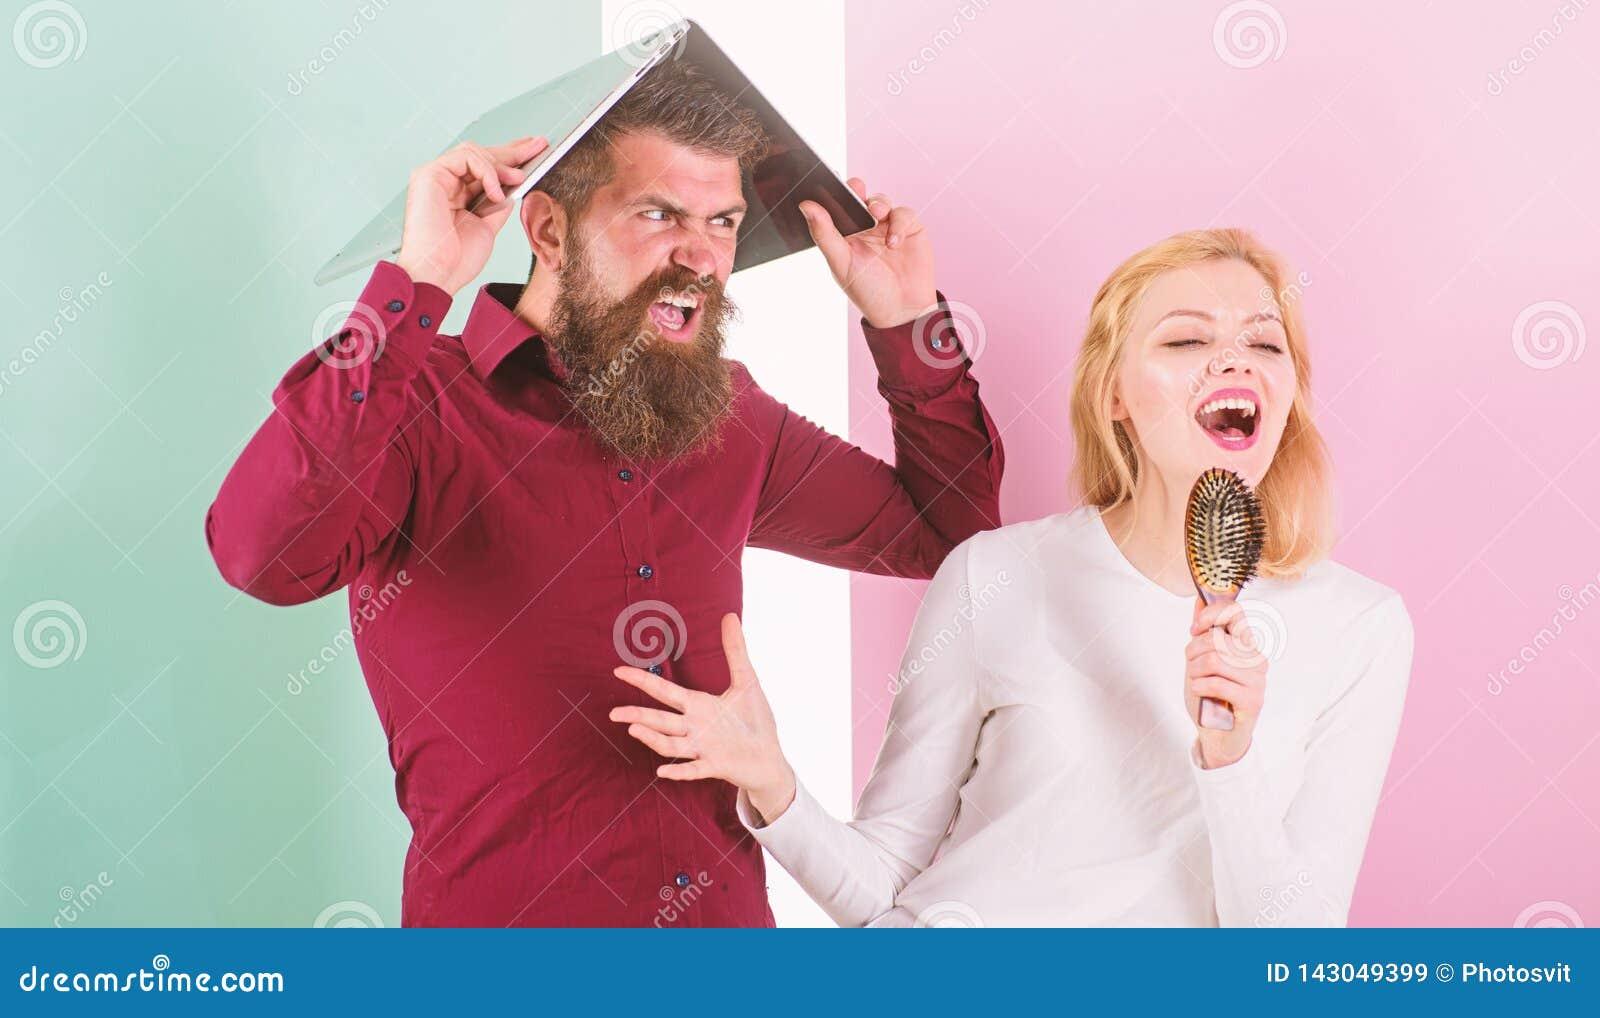 El canto es su pasión La señora canta con el cepillo de pelo como micrófono mientras que el hombre molestó la ocultación debajo d